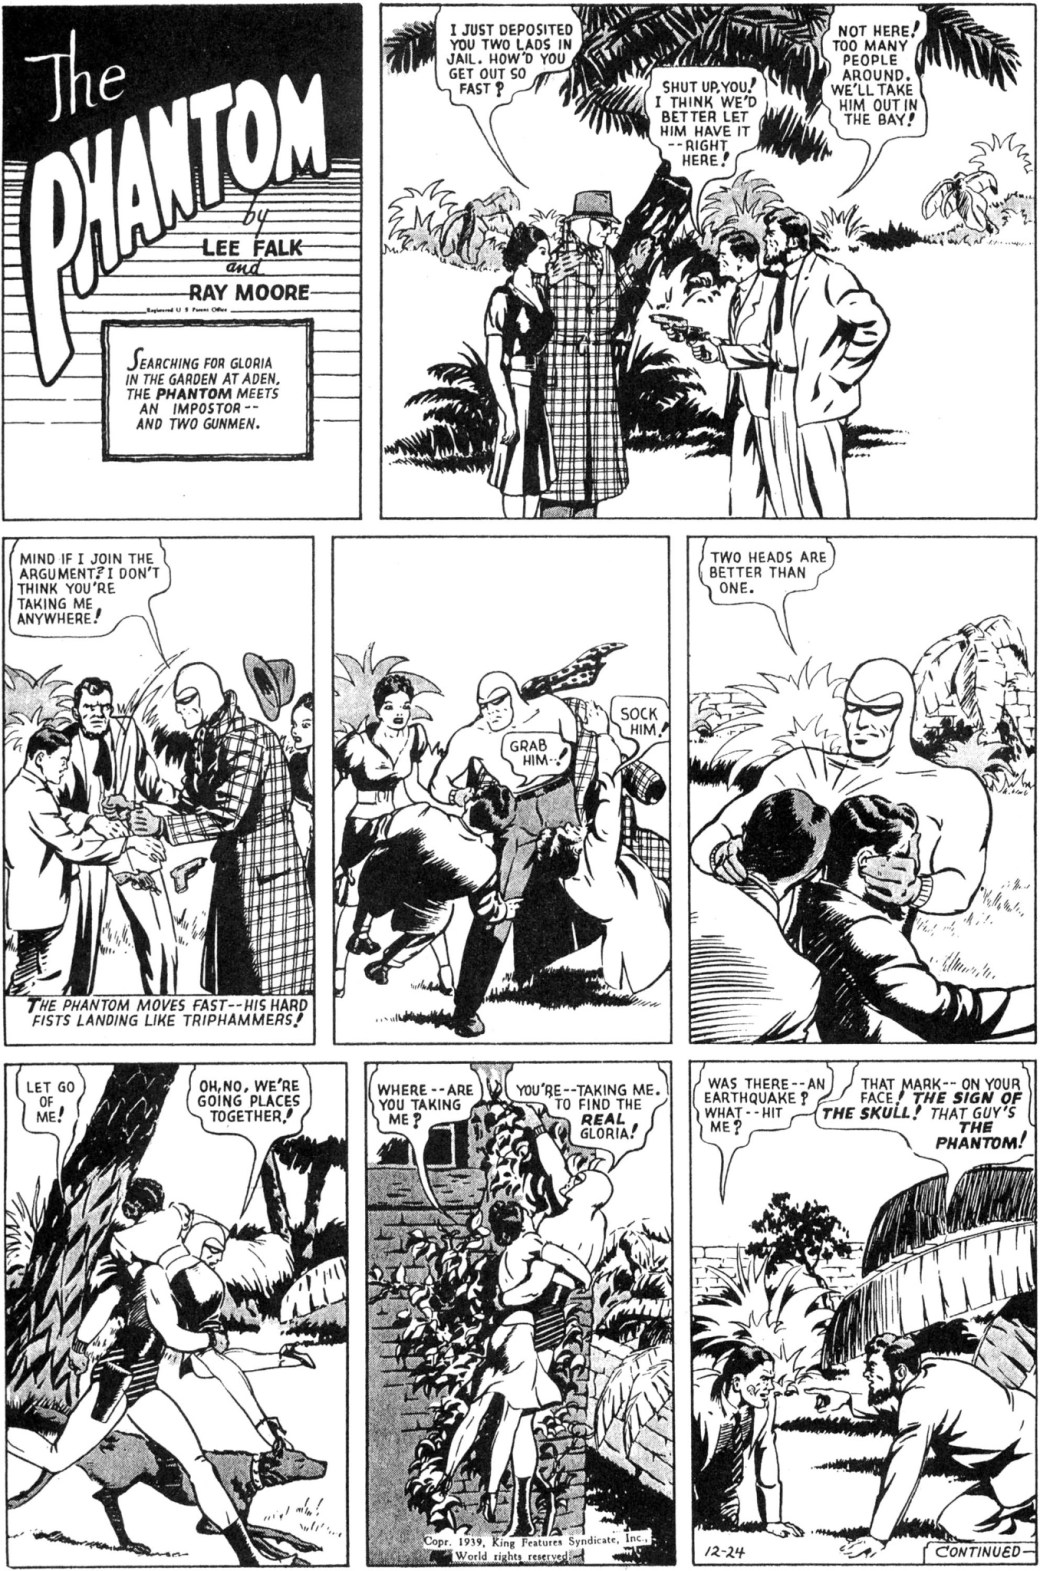 Söndagssidan från 24 december 1939, ur episoden The Precious Cargo of Colonel Winn